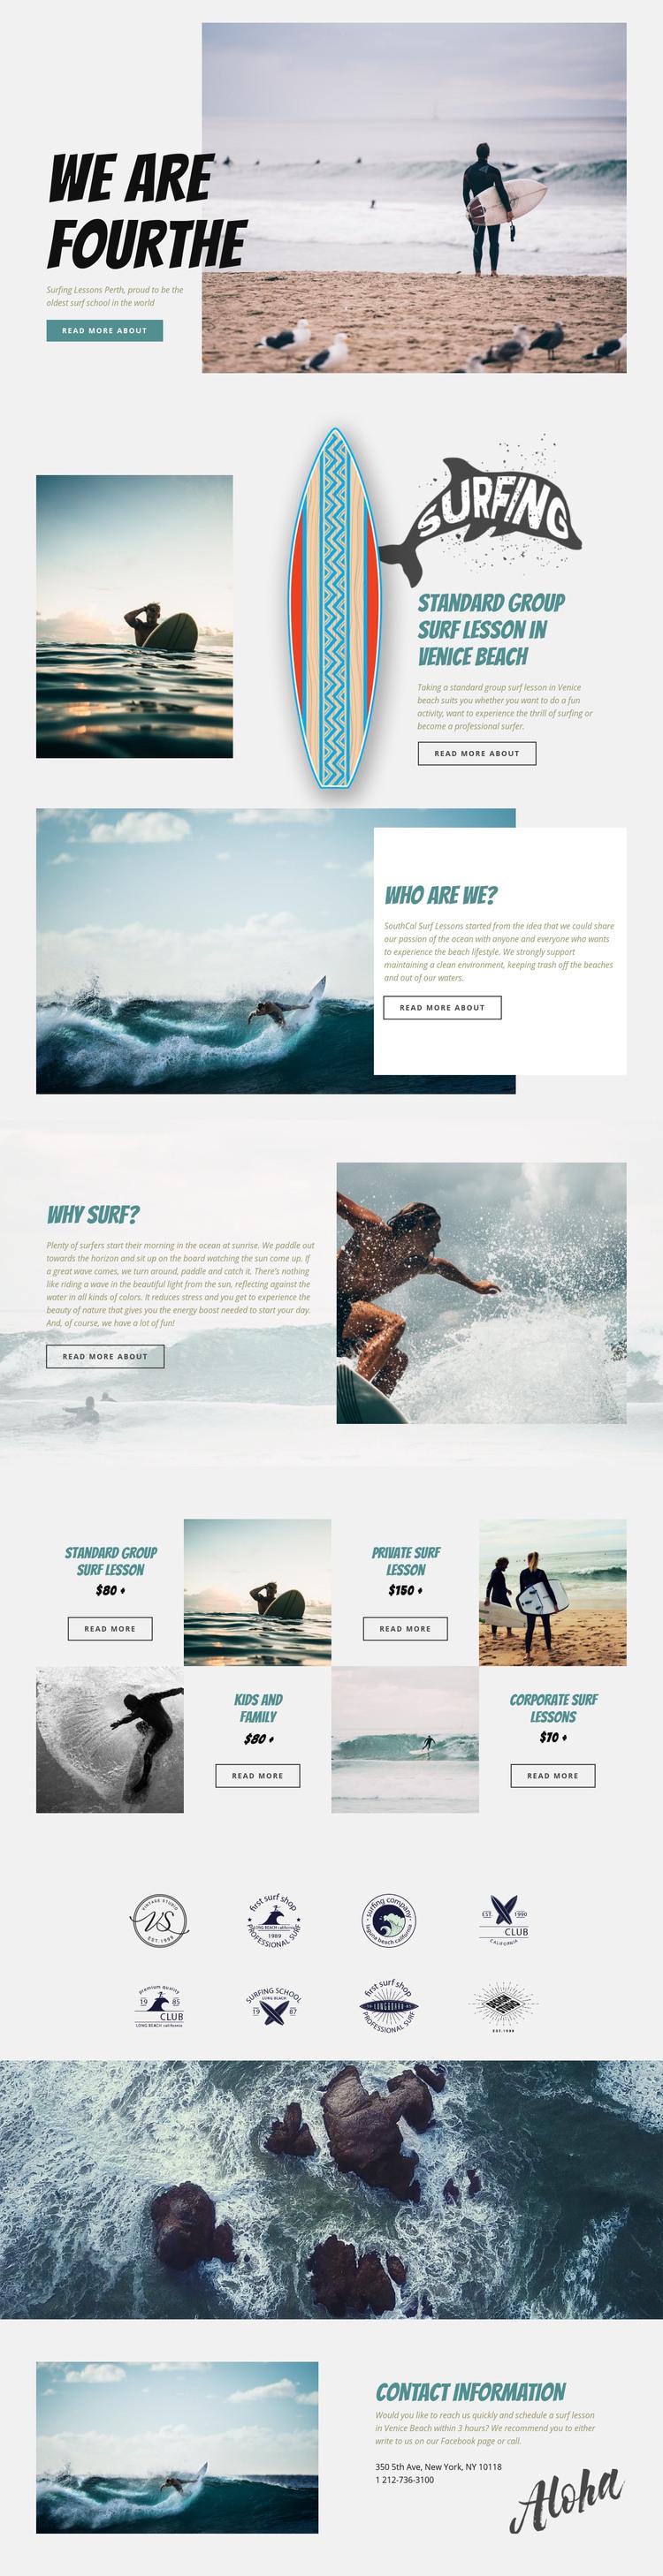 Surfing Homepage Design